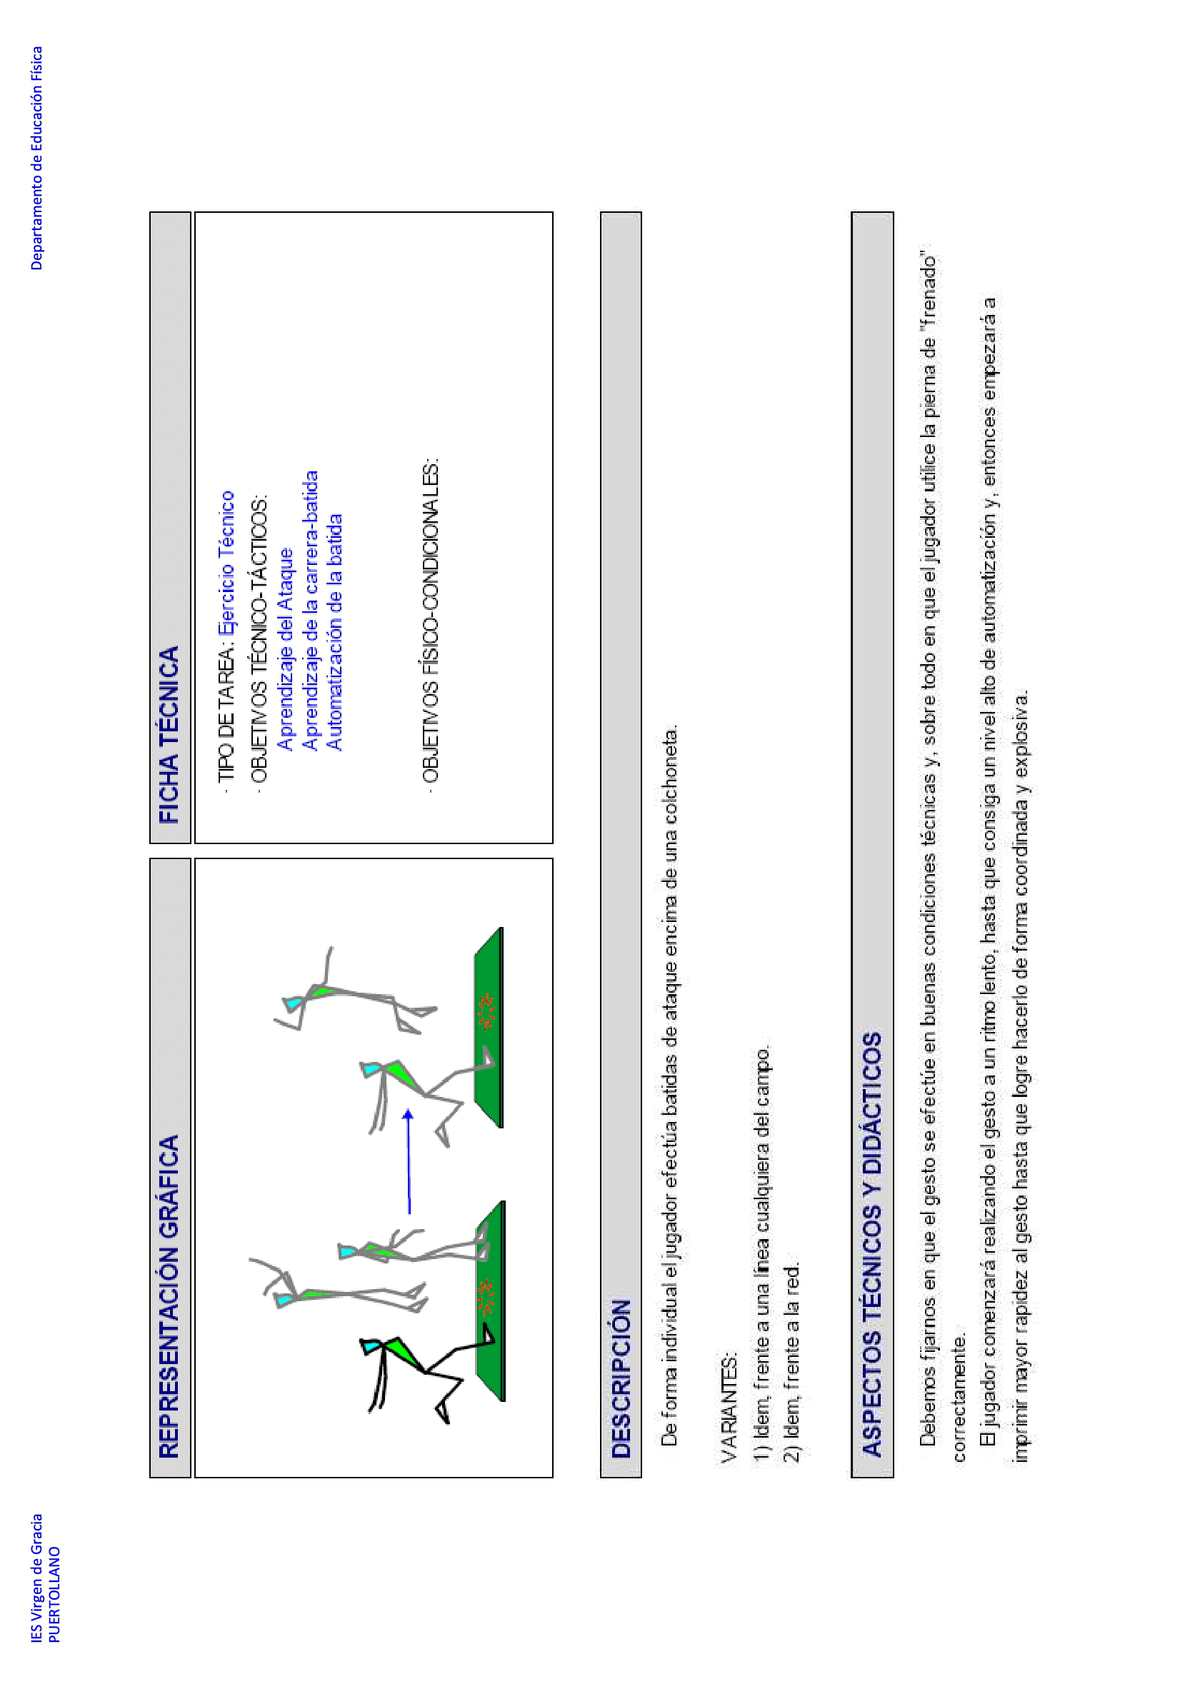 ejercicios para el remate en voleibol